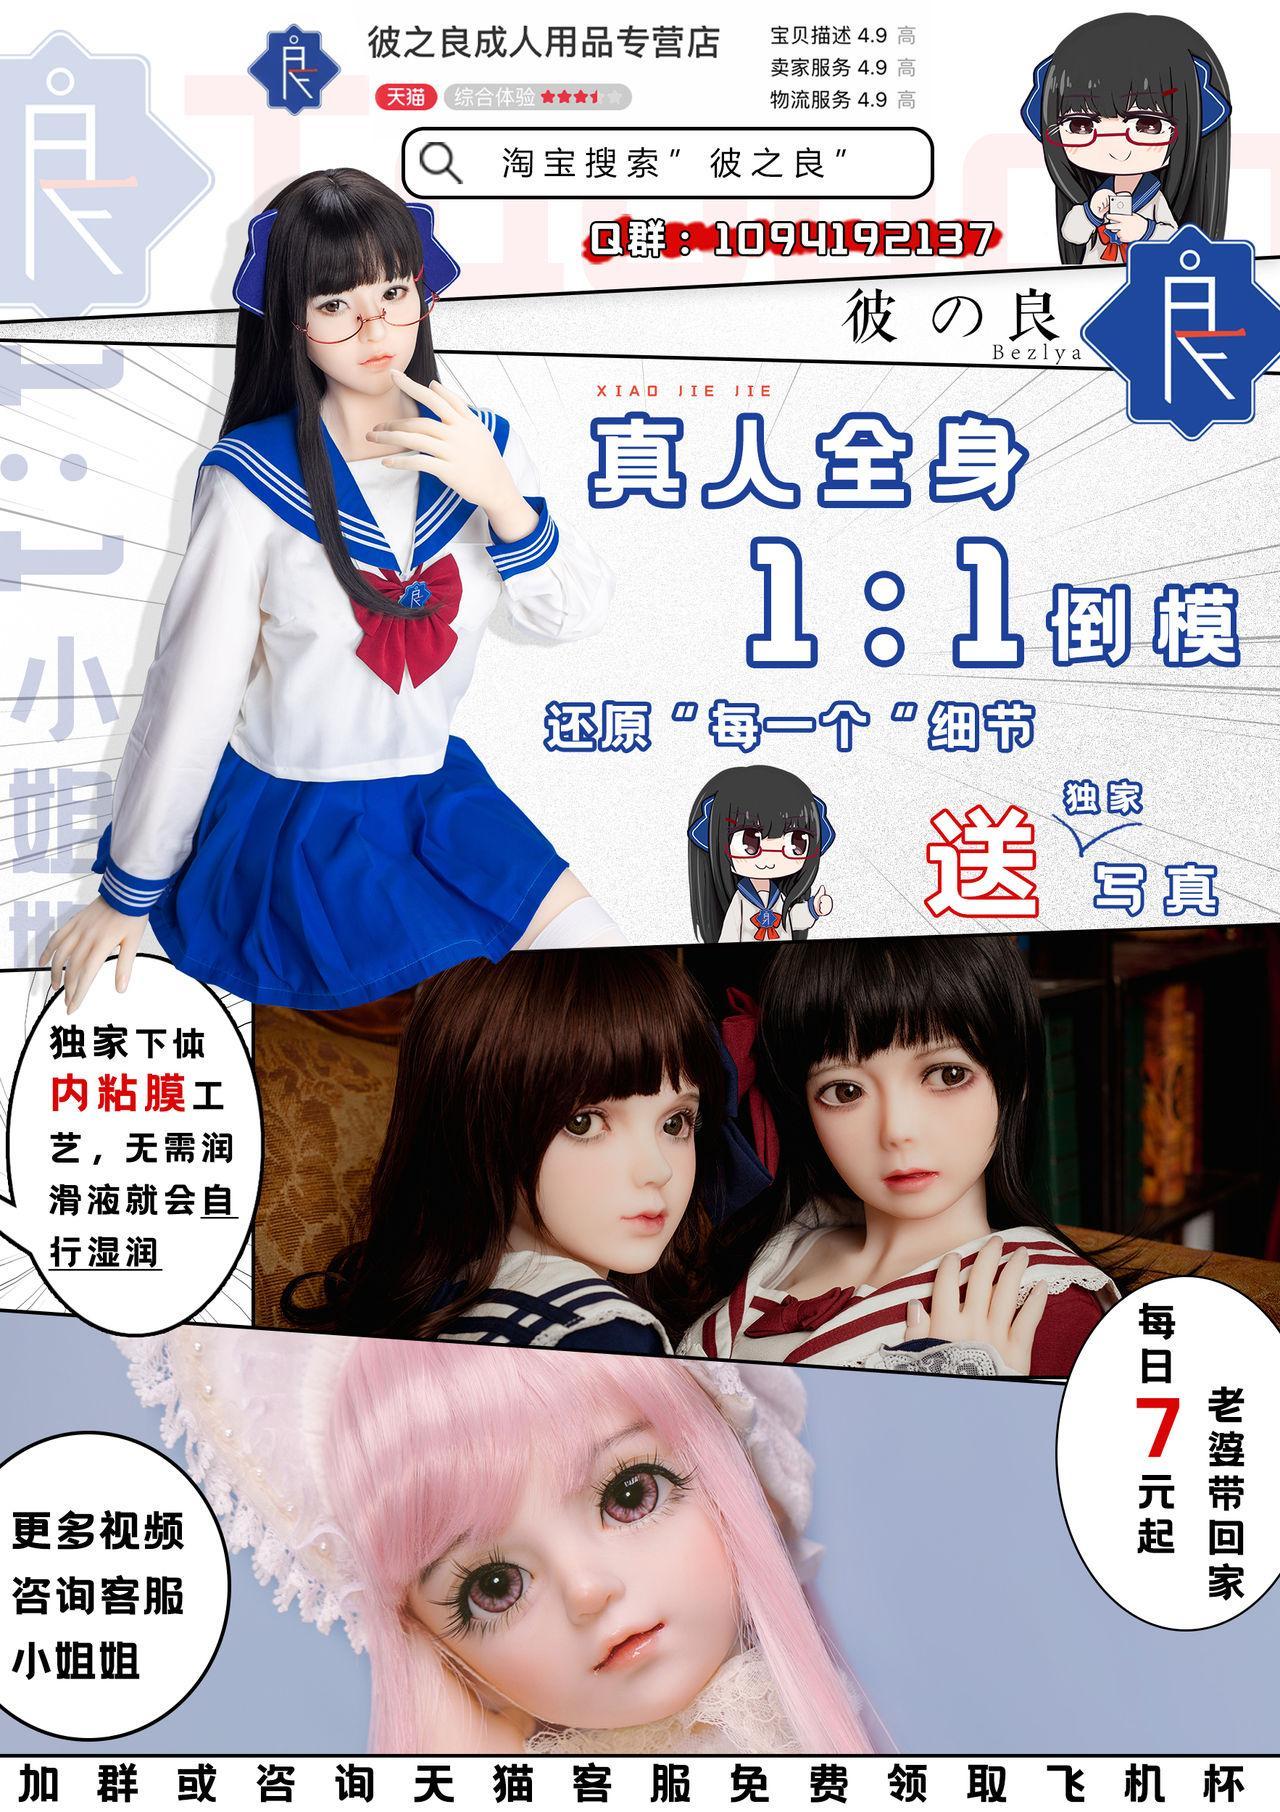 Appli de Hentai Pool no Sukumizu Ningyo 19